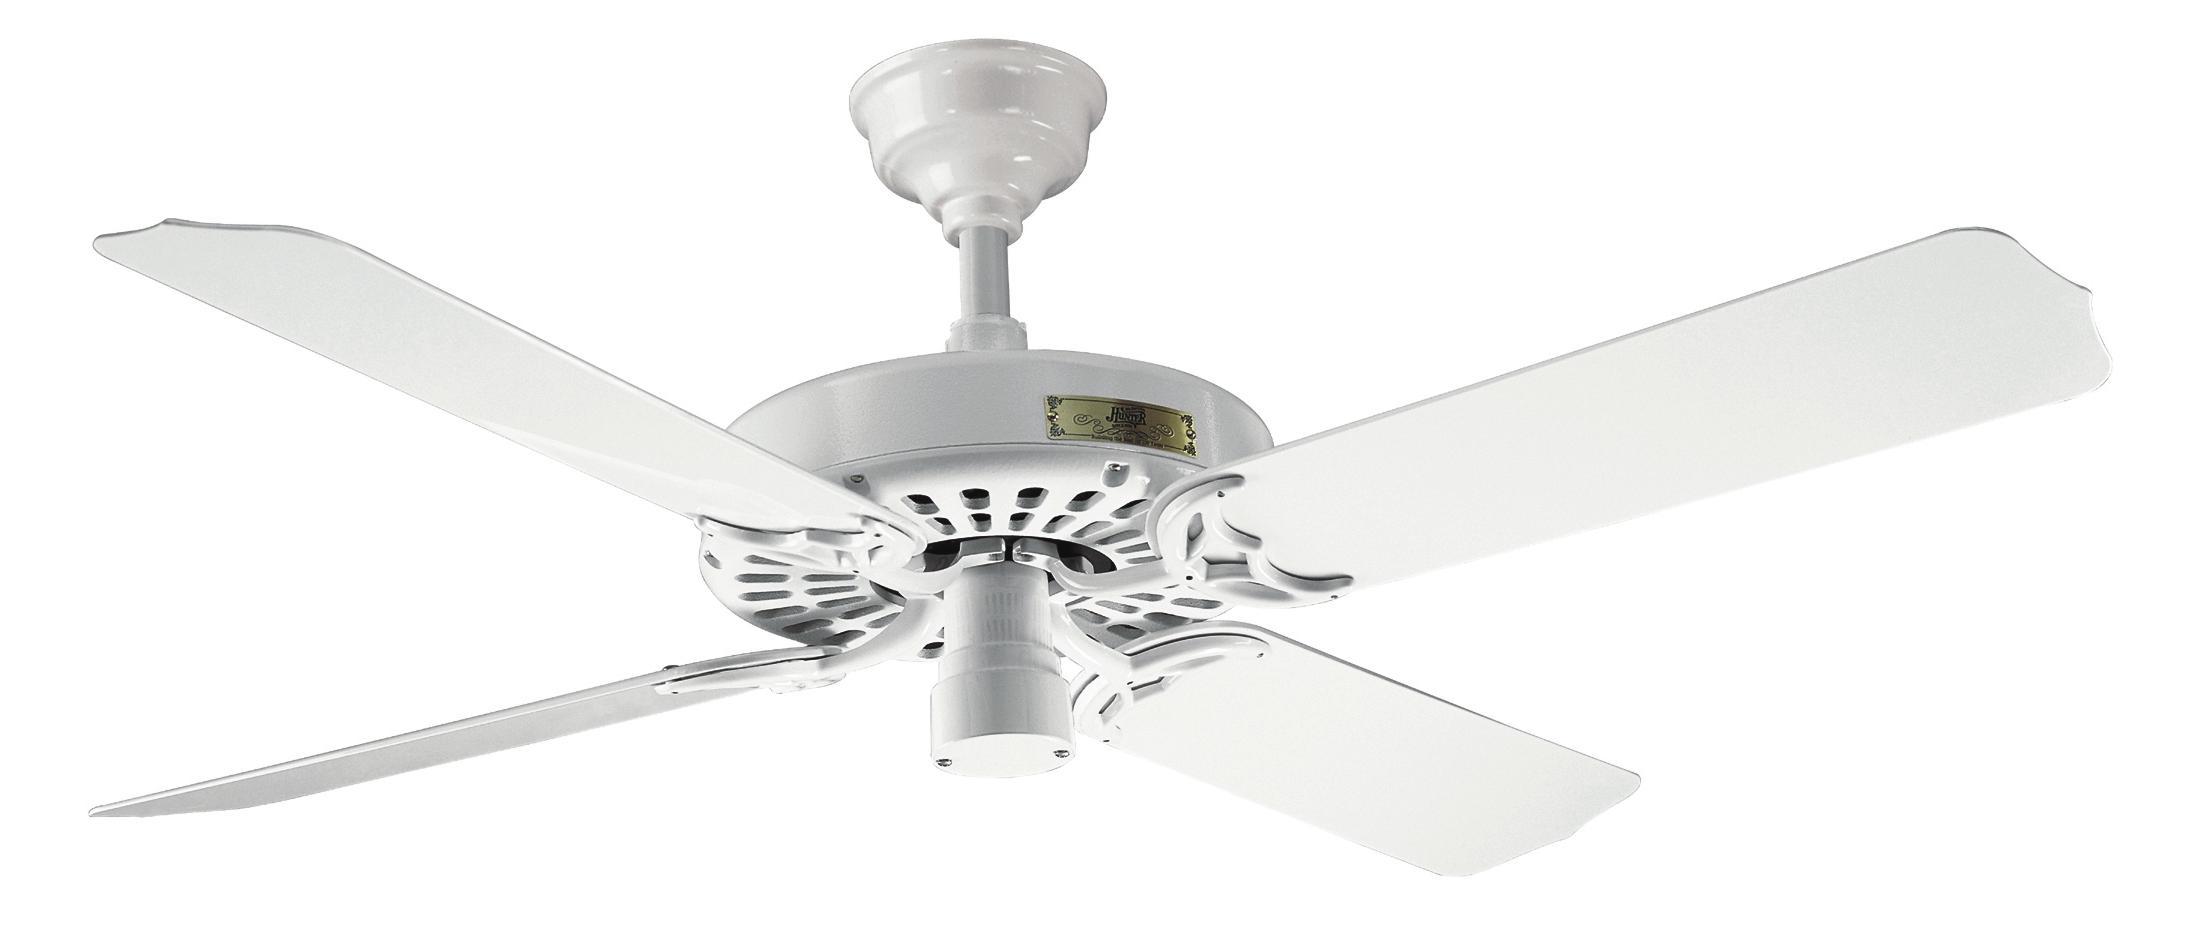 fan ceiling lights photo - 1